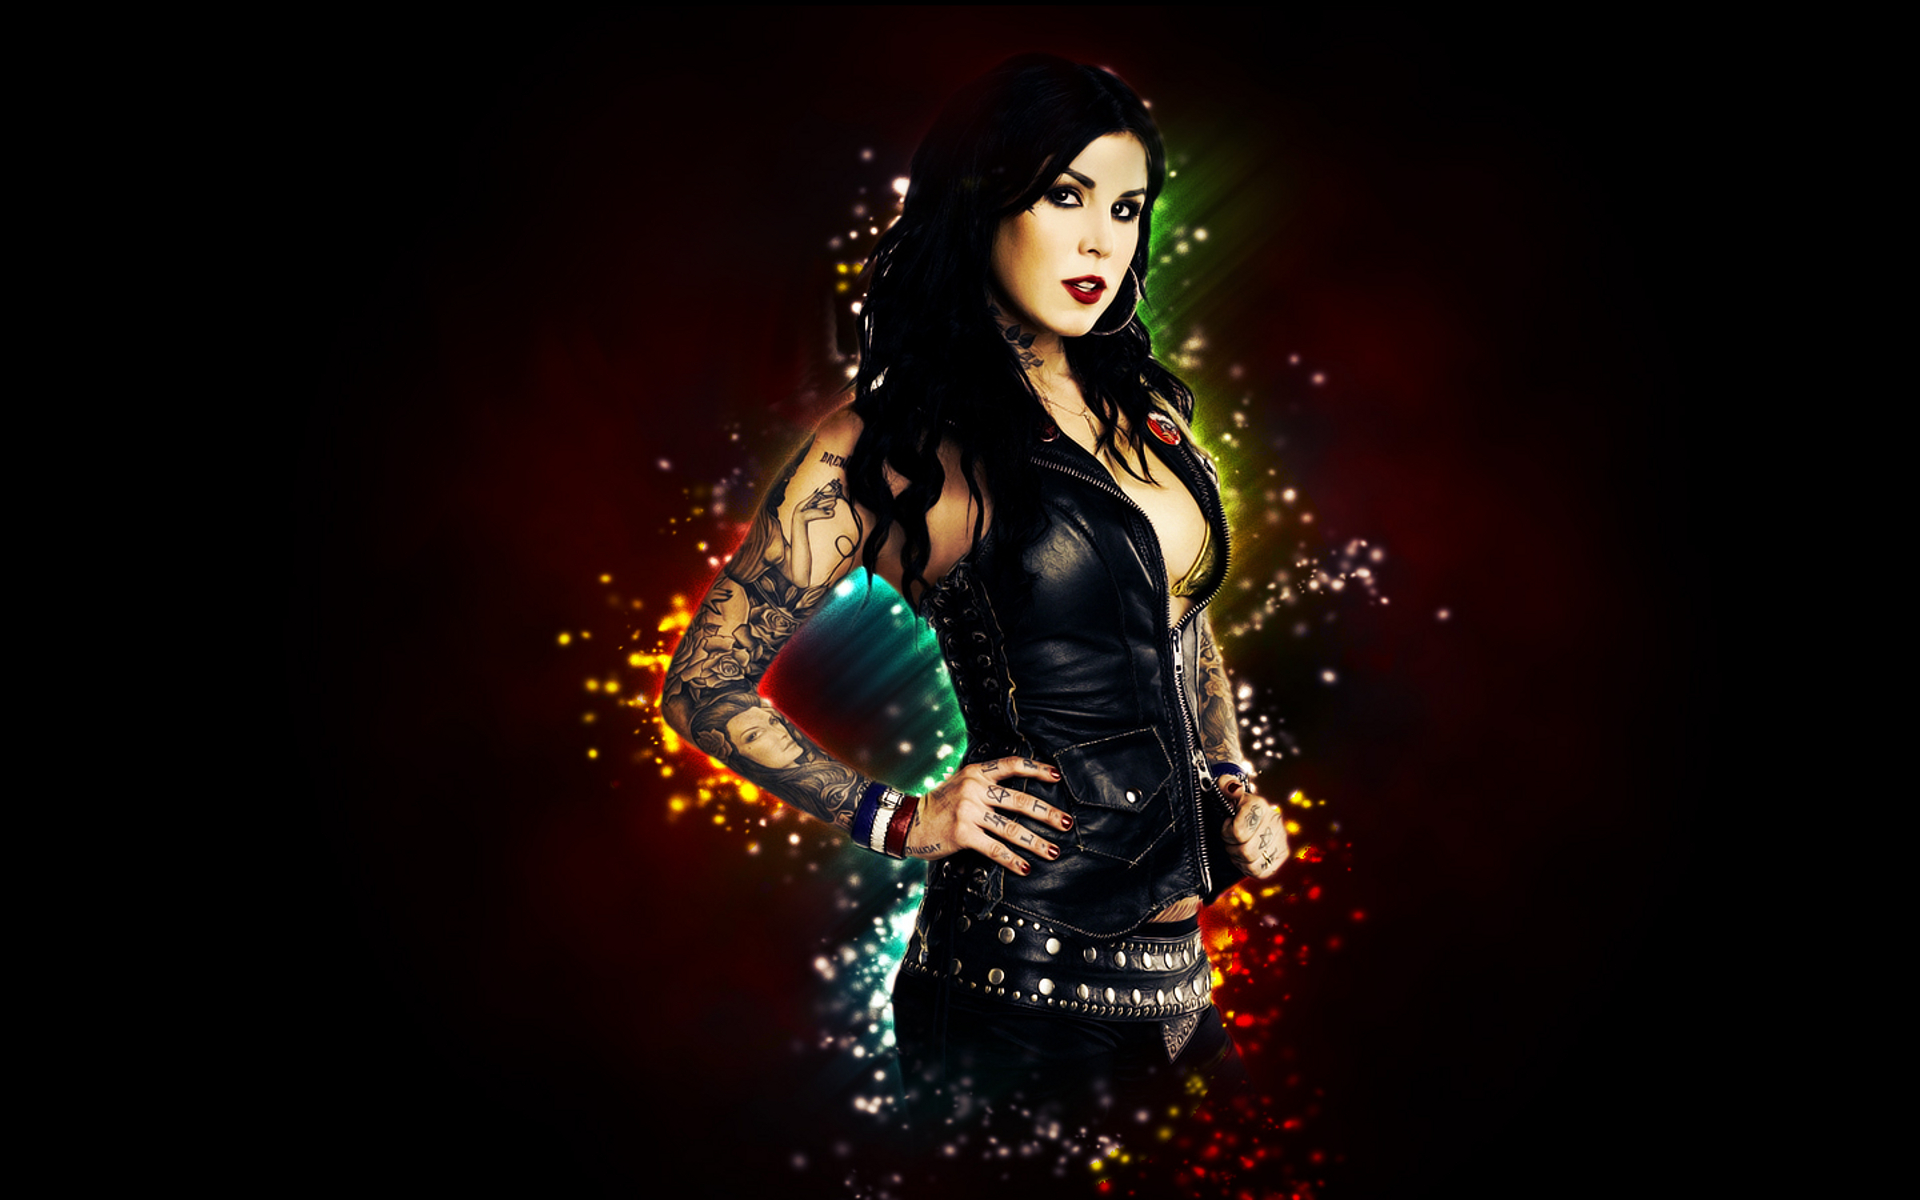 Kat Von D celeb tattoo gothic women model brunette sexy ...